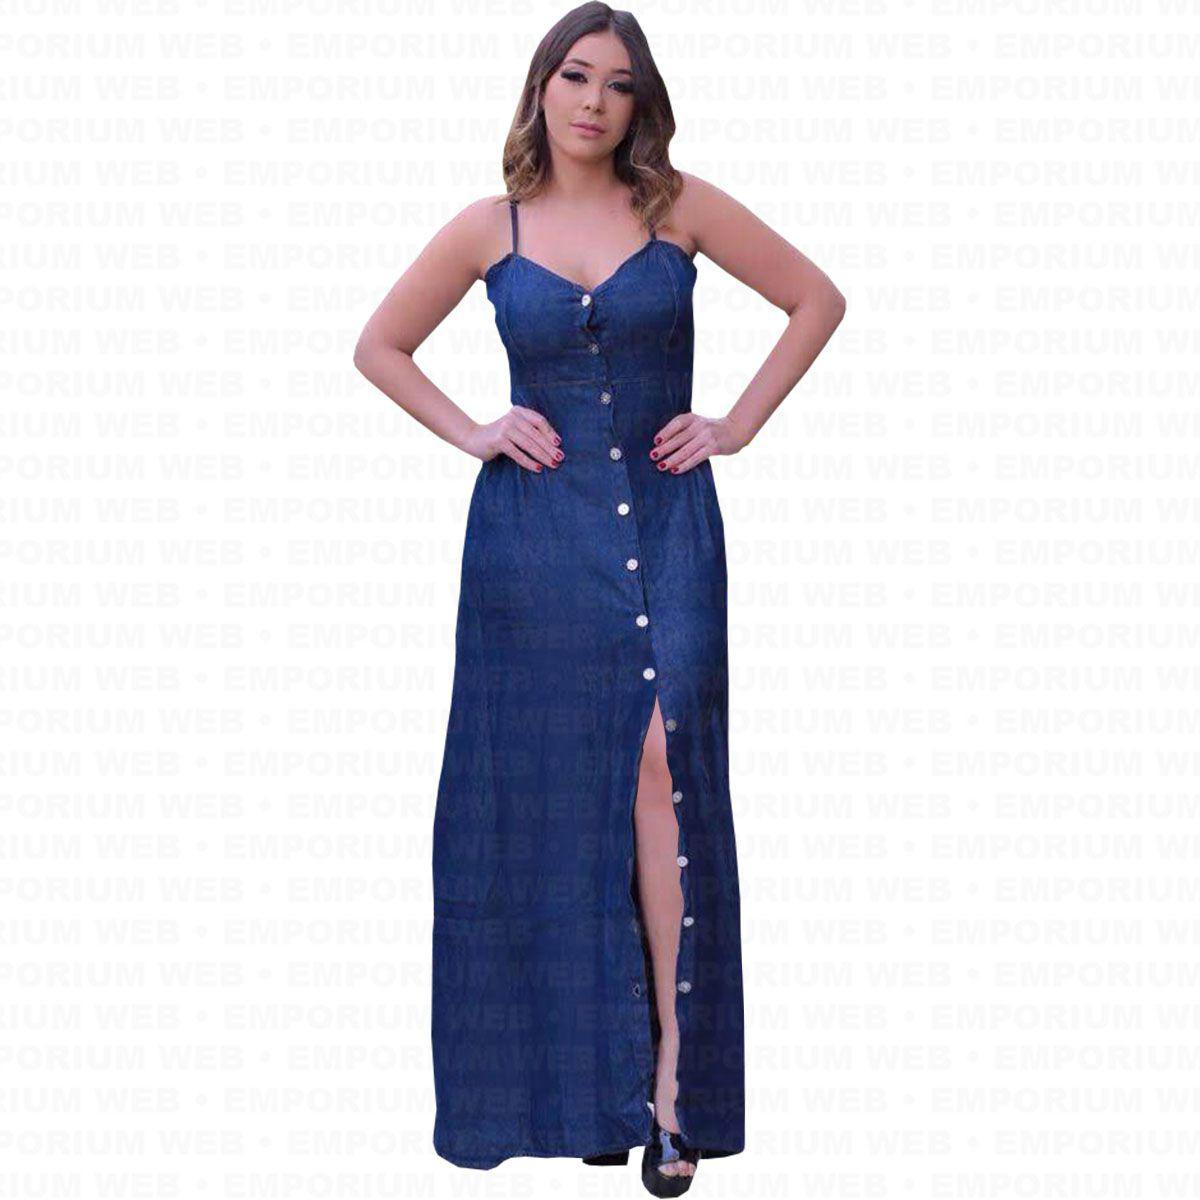 eef71cb5219a Vestido Longo Jeans Alça Regulável e Botões frontal Moda Plus Size (P ao G3)  - Azul Escuro - Ewf R$ 128,99 à vista. Adicionar à sacola